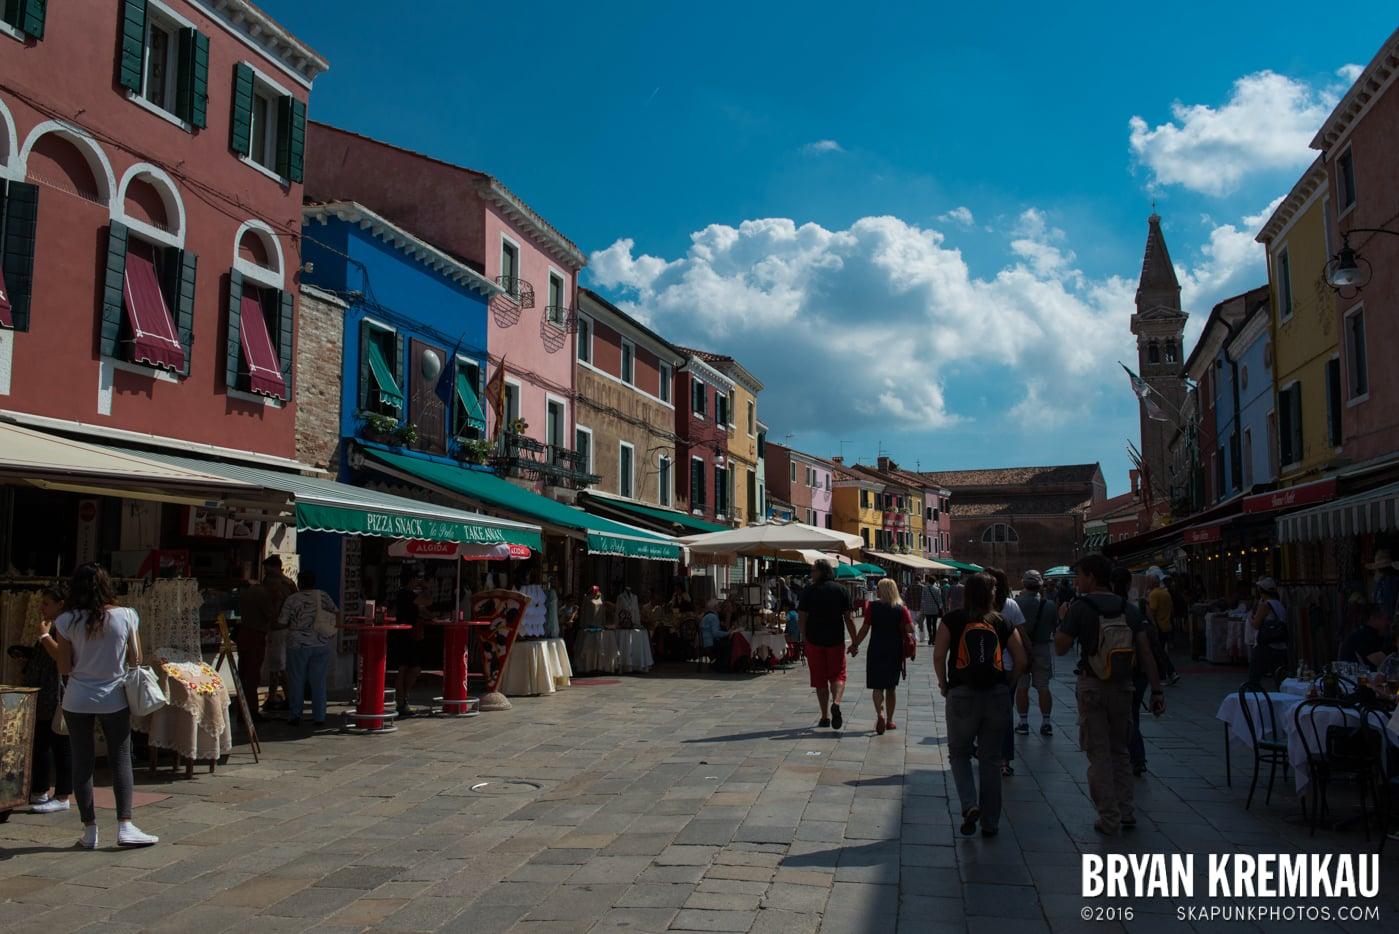 Italy Vacation - Day 6: Murano, Burano, Venice - 9.14.13 (64)